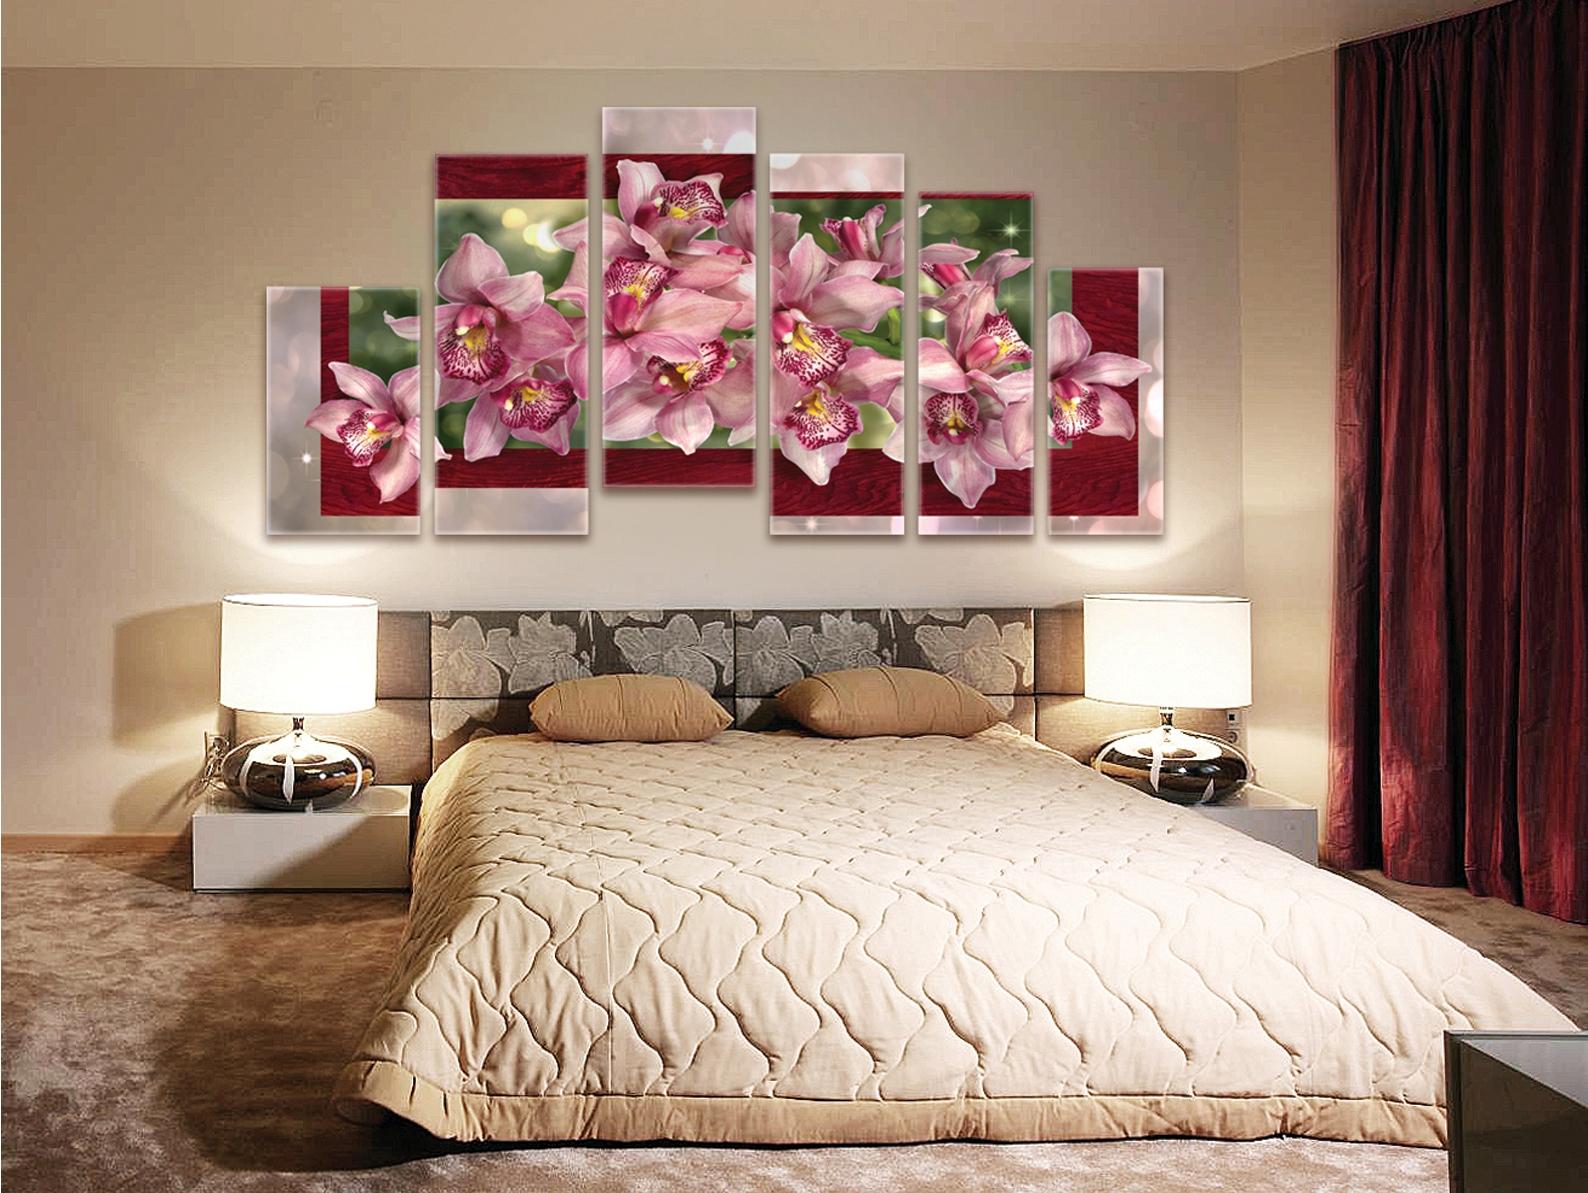 часто помощью красивые картинки на стену в спальню фото автомобилистам